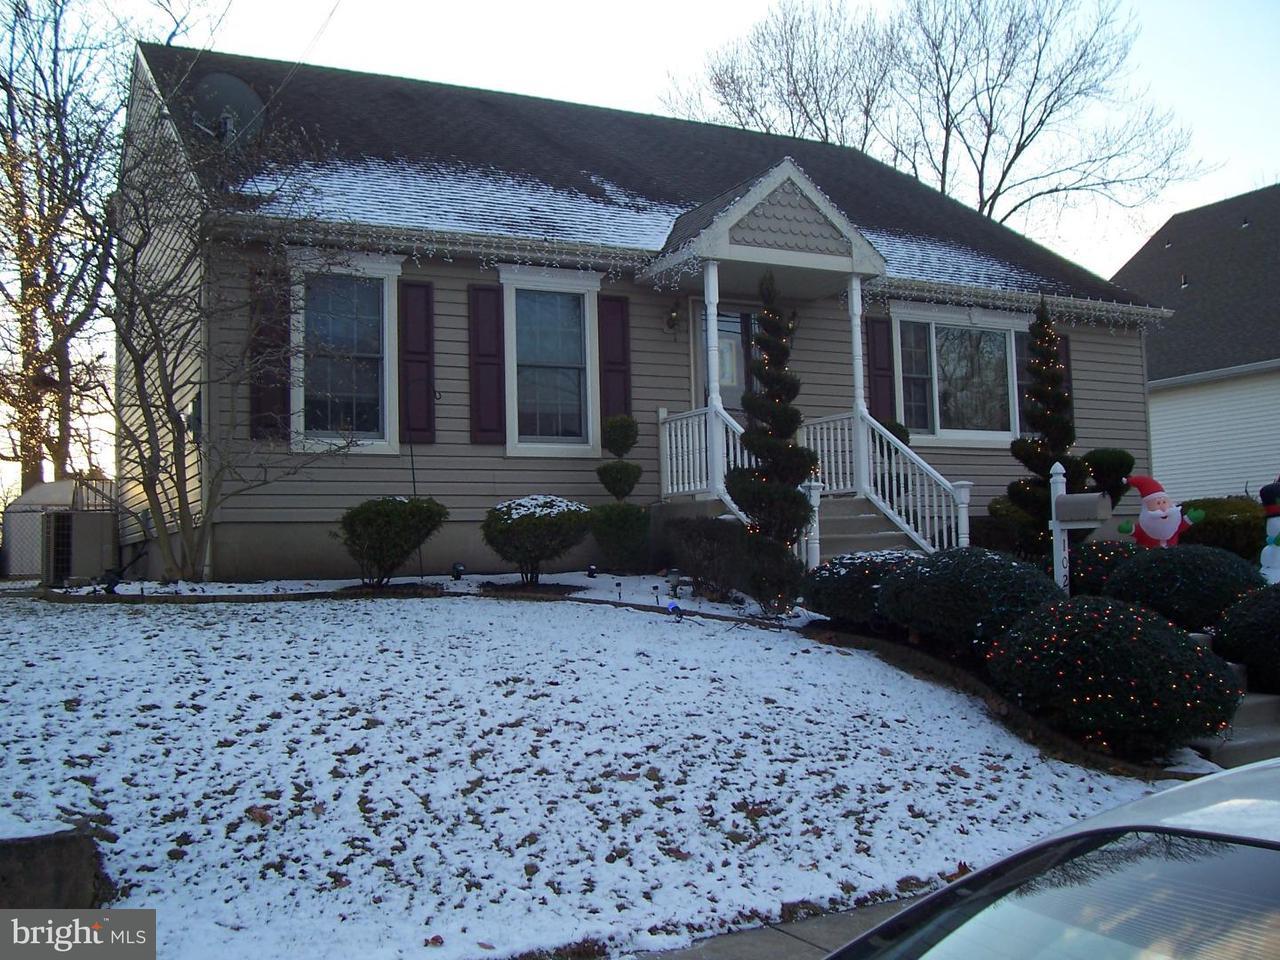 独户住宅 为 销售 在 102 NEW JERSEY Avenue National Park, 新泽西州 08063 美国